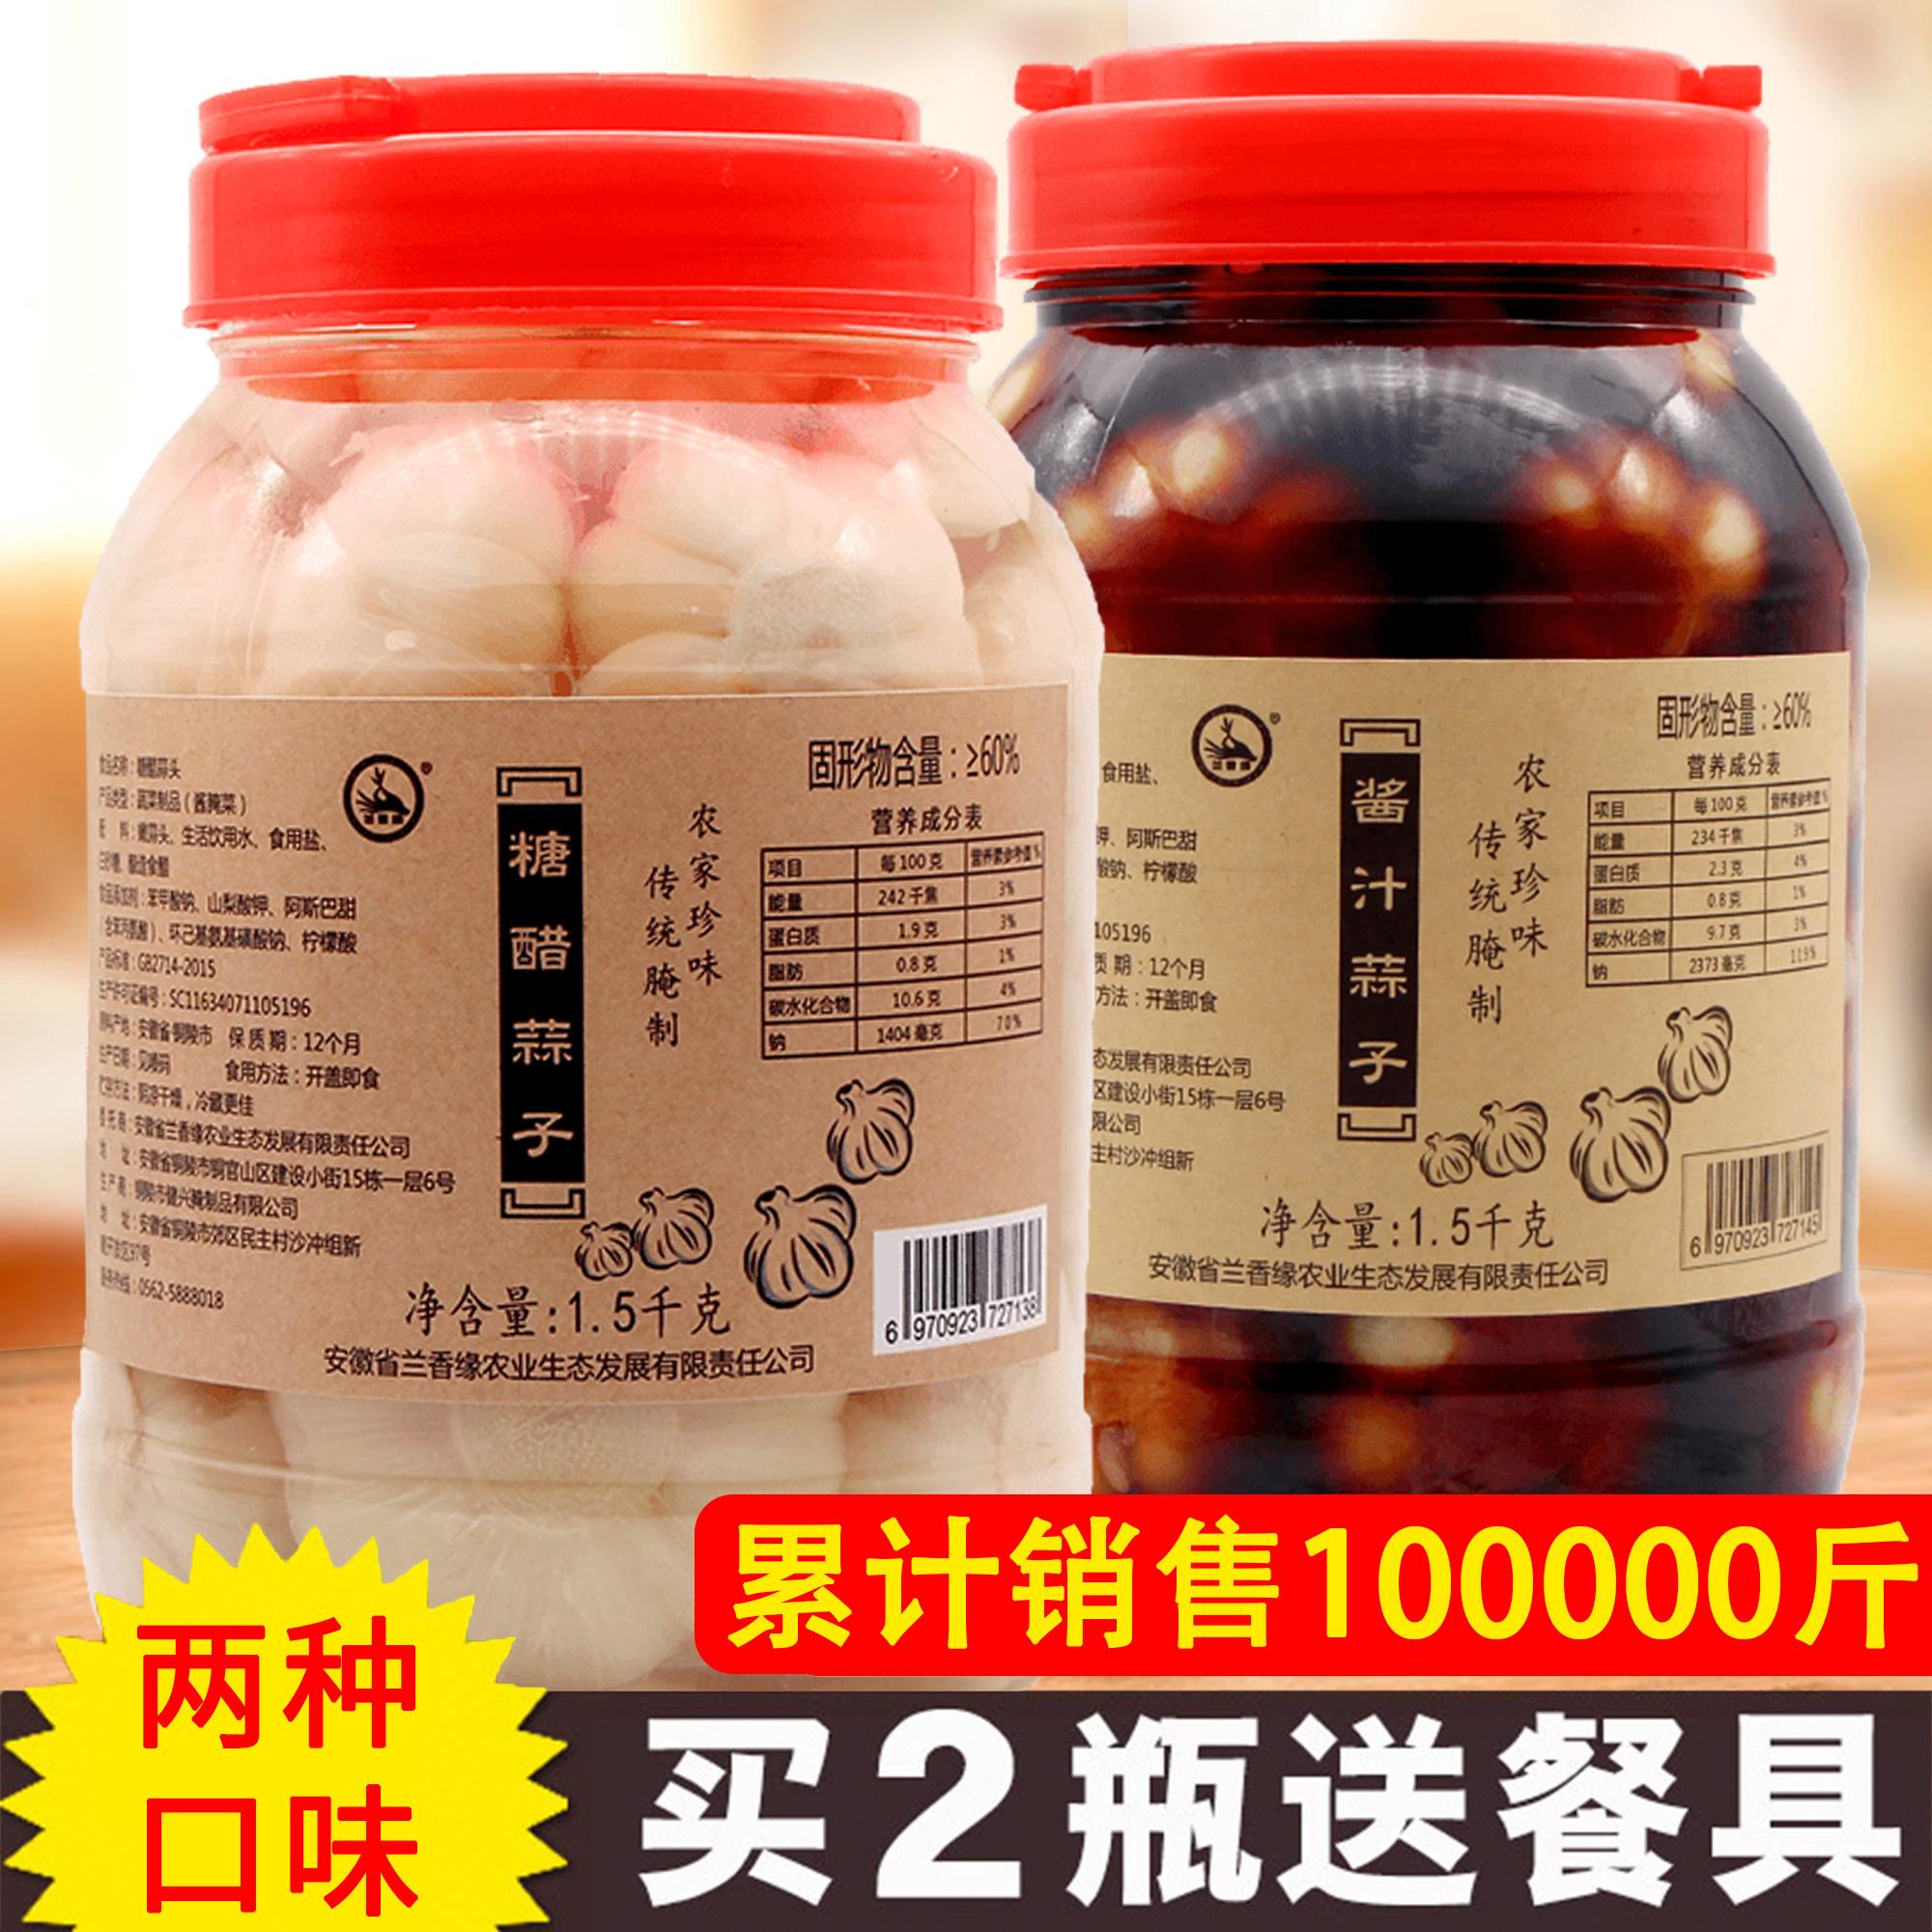 【安徽特产】农家手工腌制大蒜头酱菜